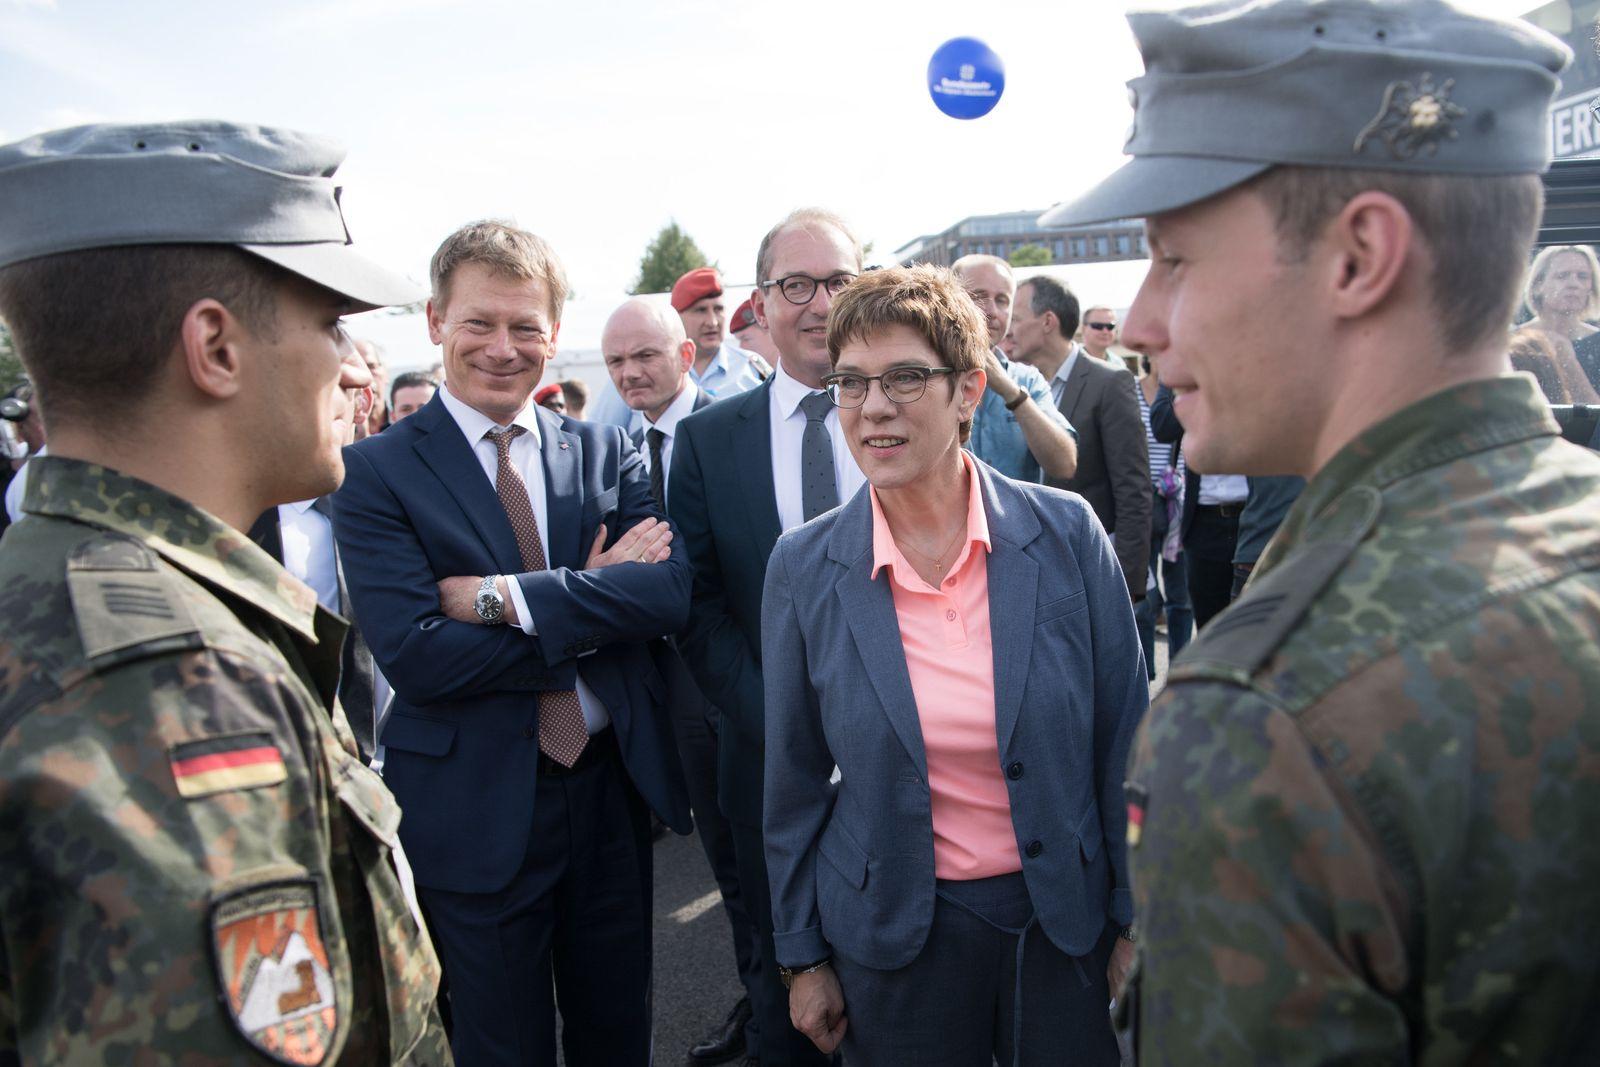 PK zu Gratis-Bahnfahrten für Soldaten